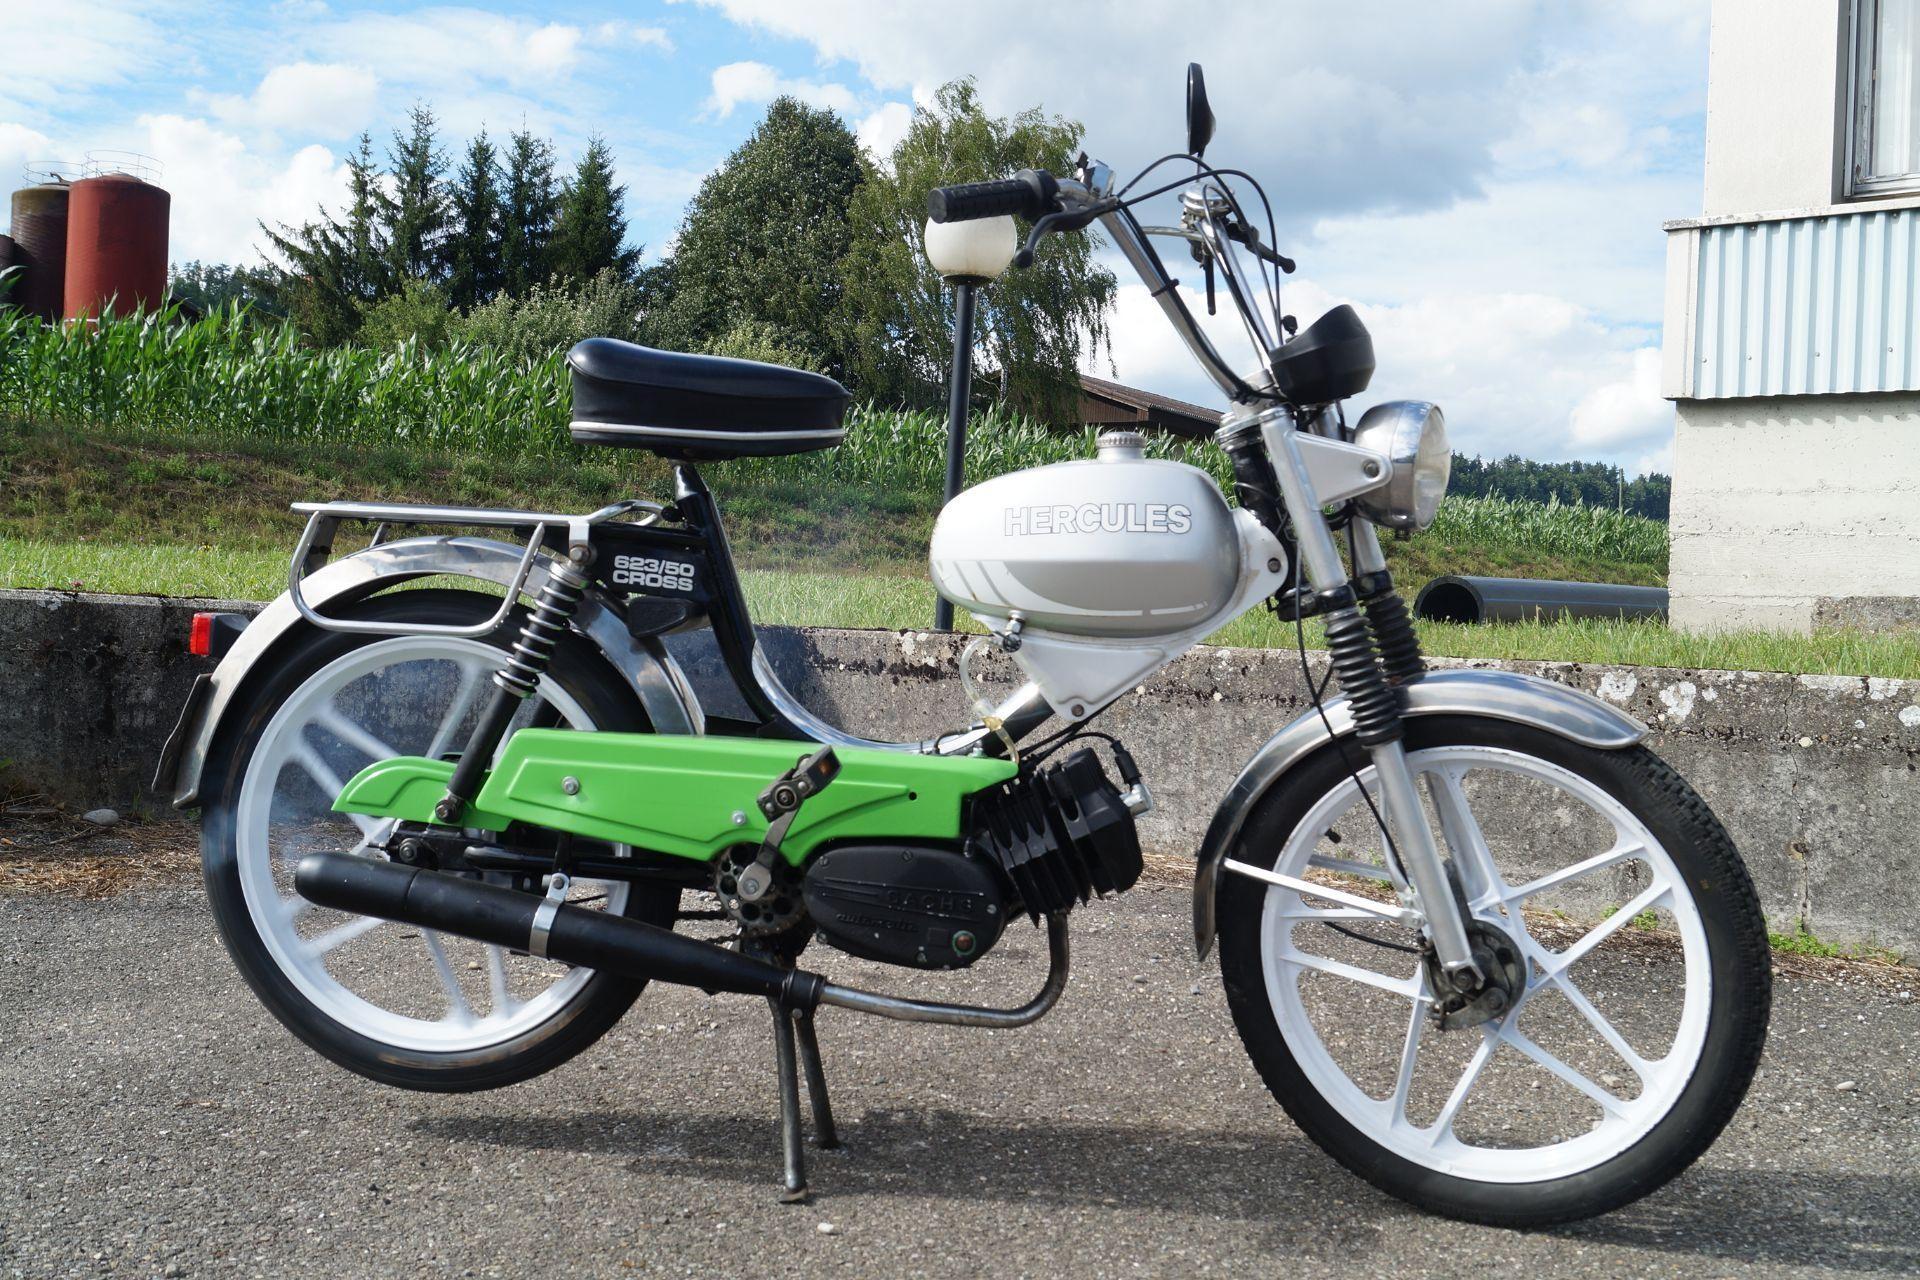 motorrad occasion kaufen sachs mofa herkules 623 motoshop ziegler schleitheim. Black Bedroom Furniture Sets. Home Design Ideas